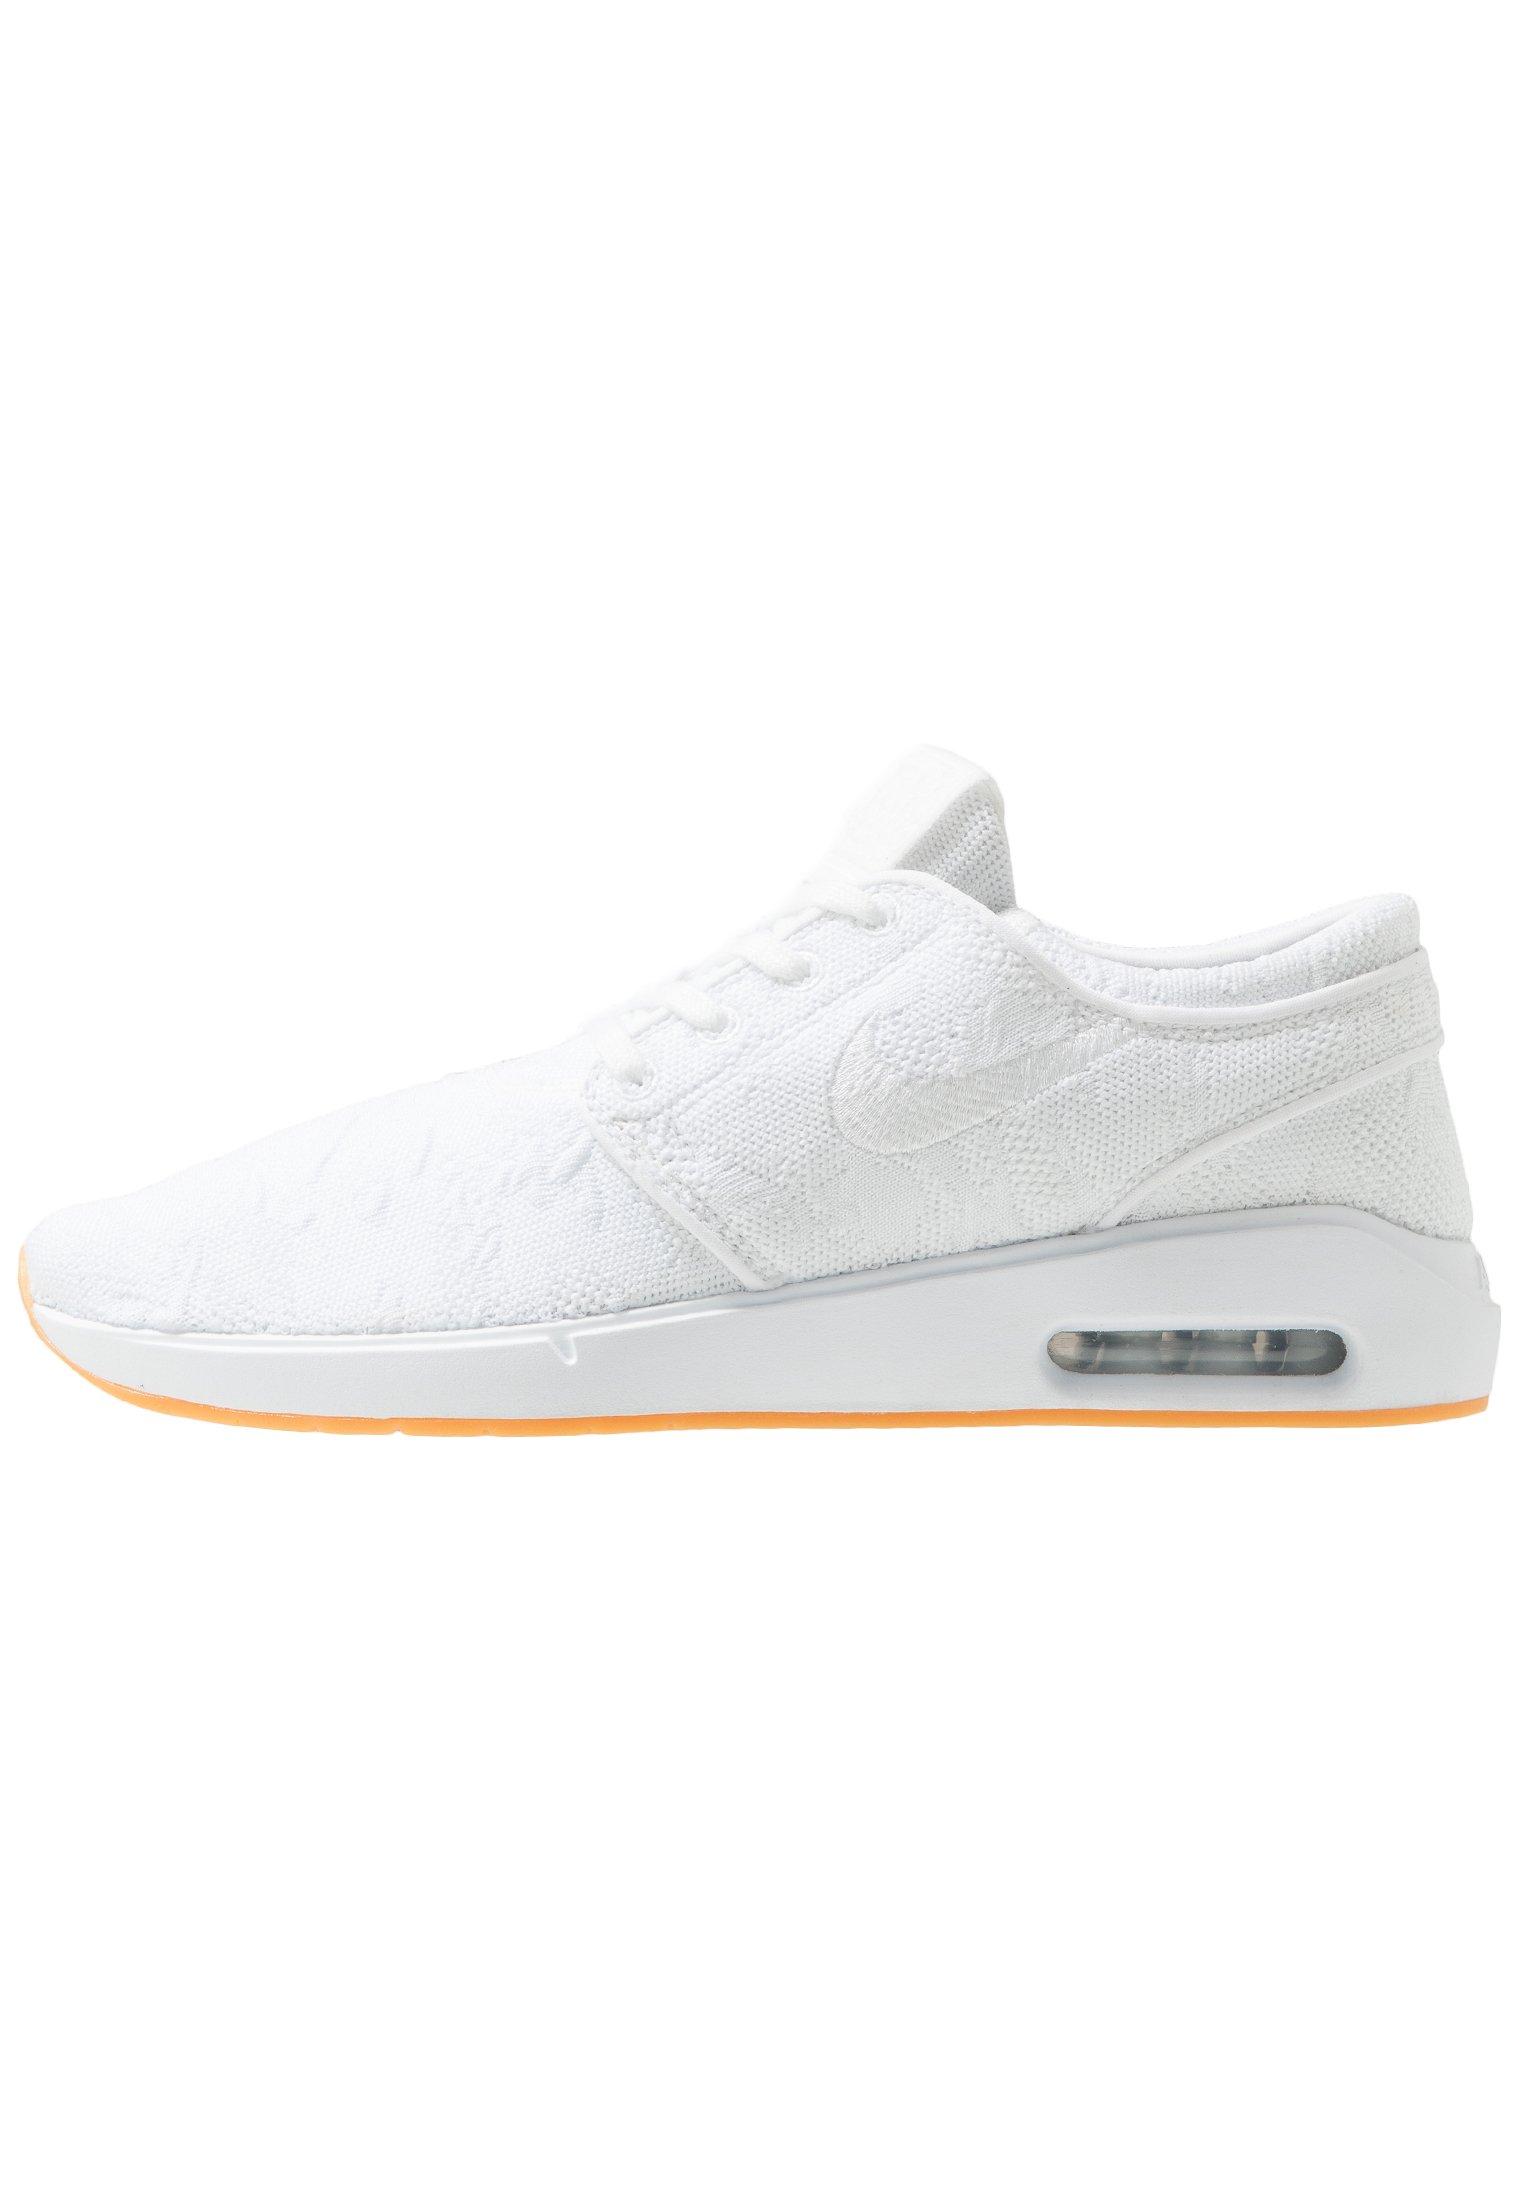 AIR MAX JANOSKI 2 Sneakers laag whiteyellow